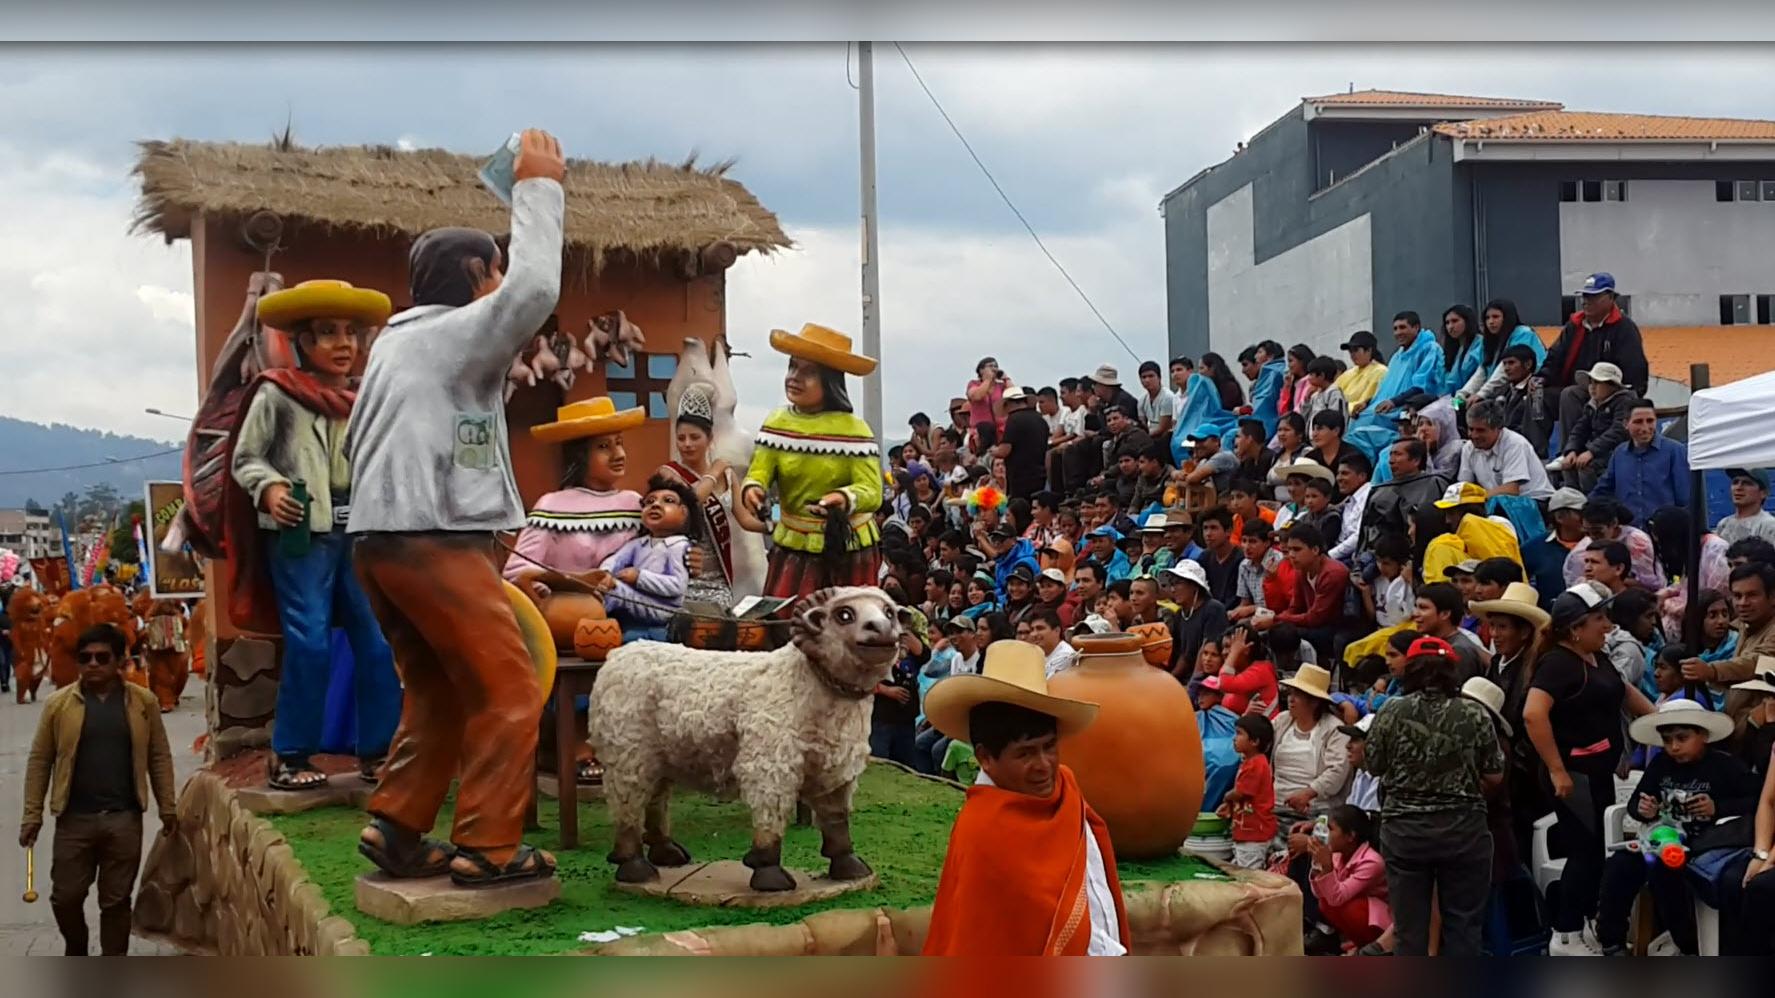 Los organizadores del Carnaval 2018 anunciaron que en ceremonia pública se realizará la enmtrega de premios